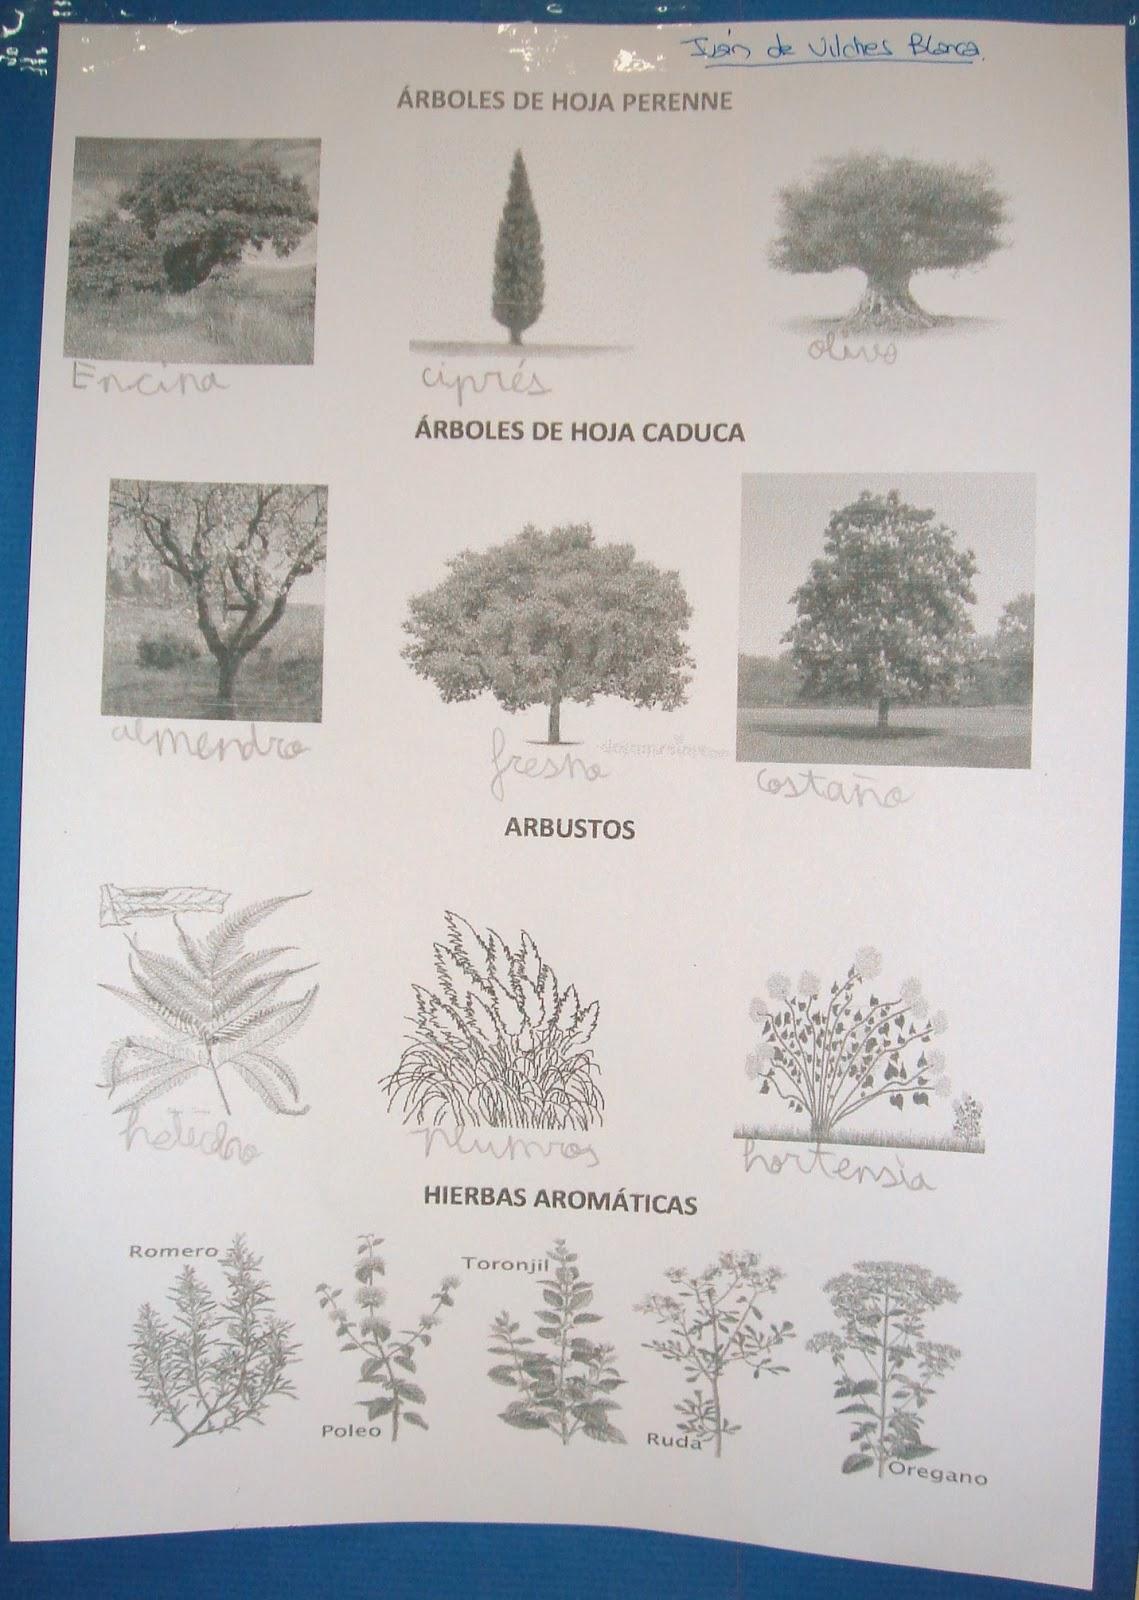 En busca del coraz n verde los seres vivos las plantas 4 for Diferencia entre arboles de hoja caduca y hoja perenne